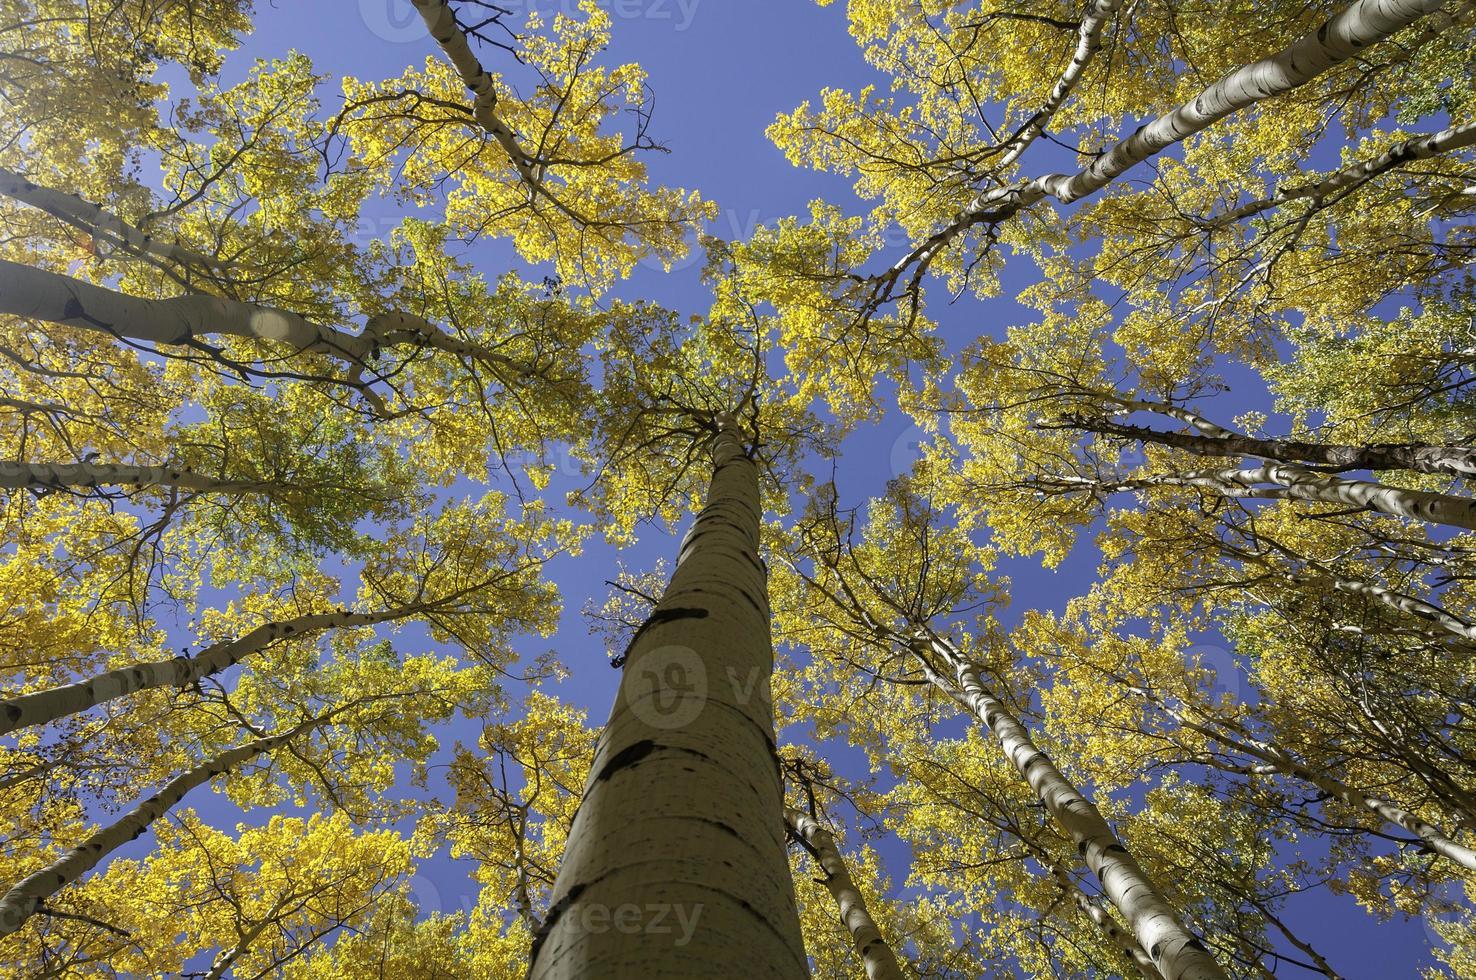 Tremble jaune vif contre le ciel bleu clair photo